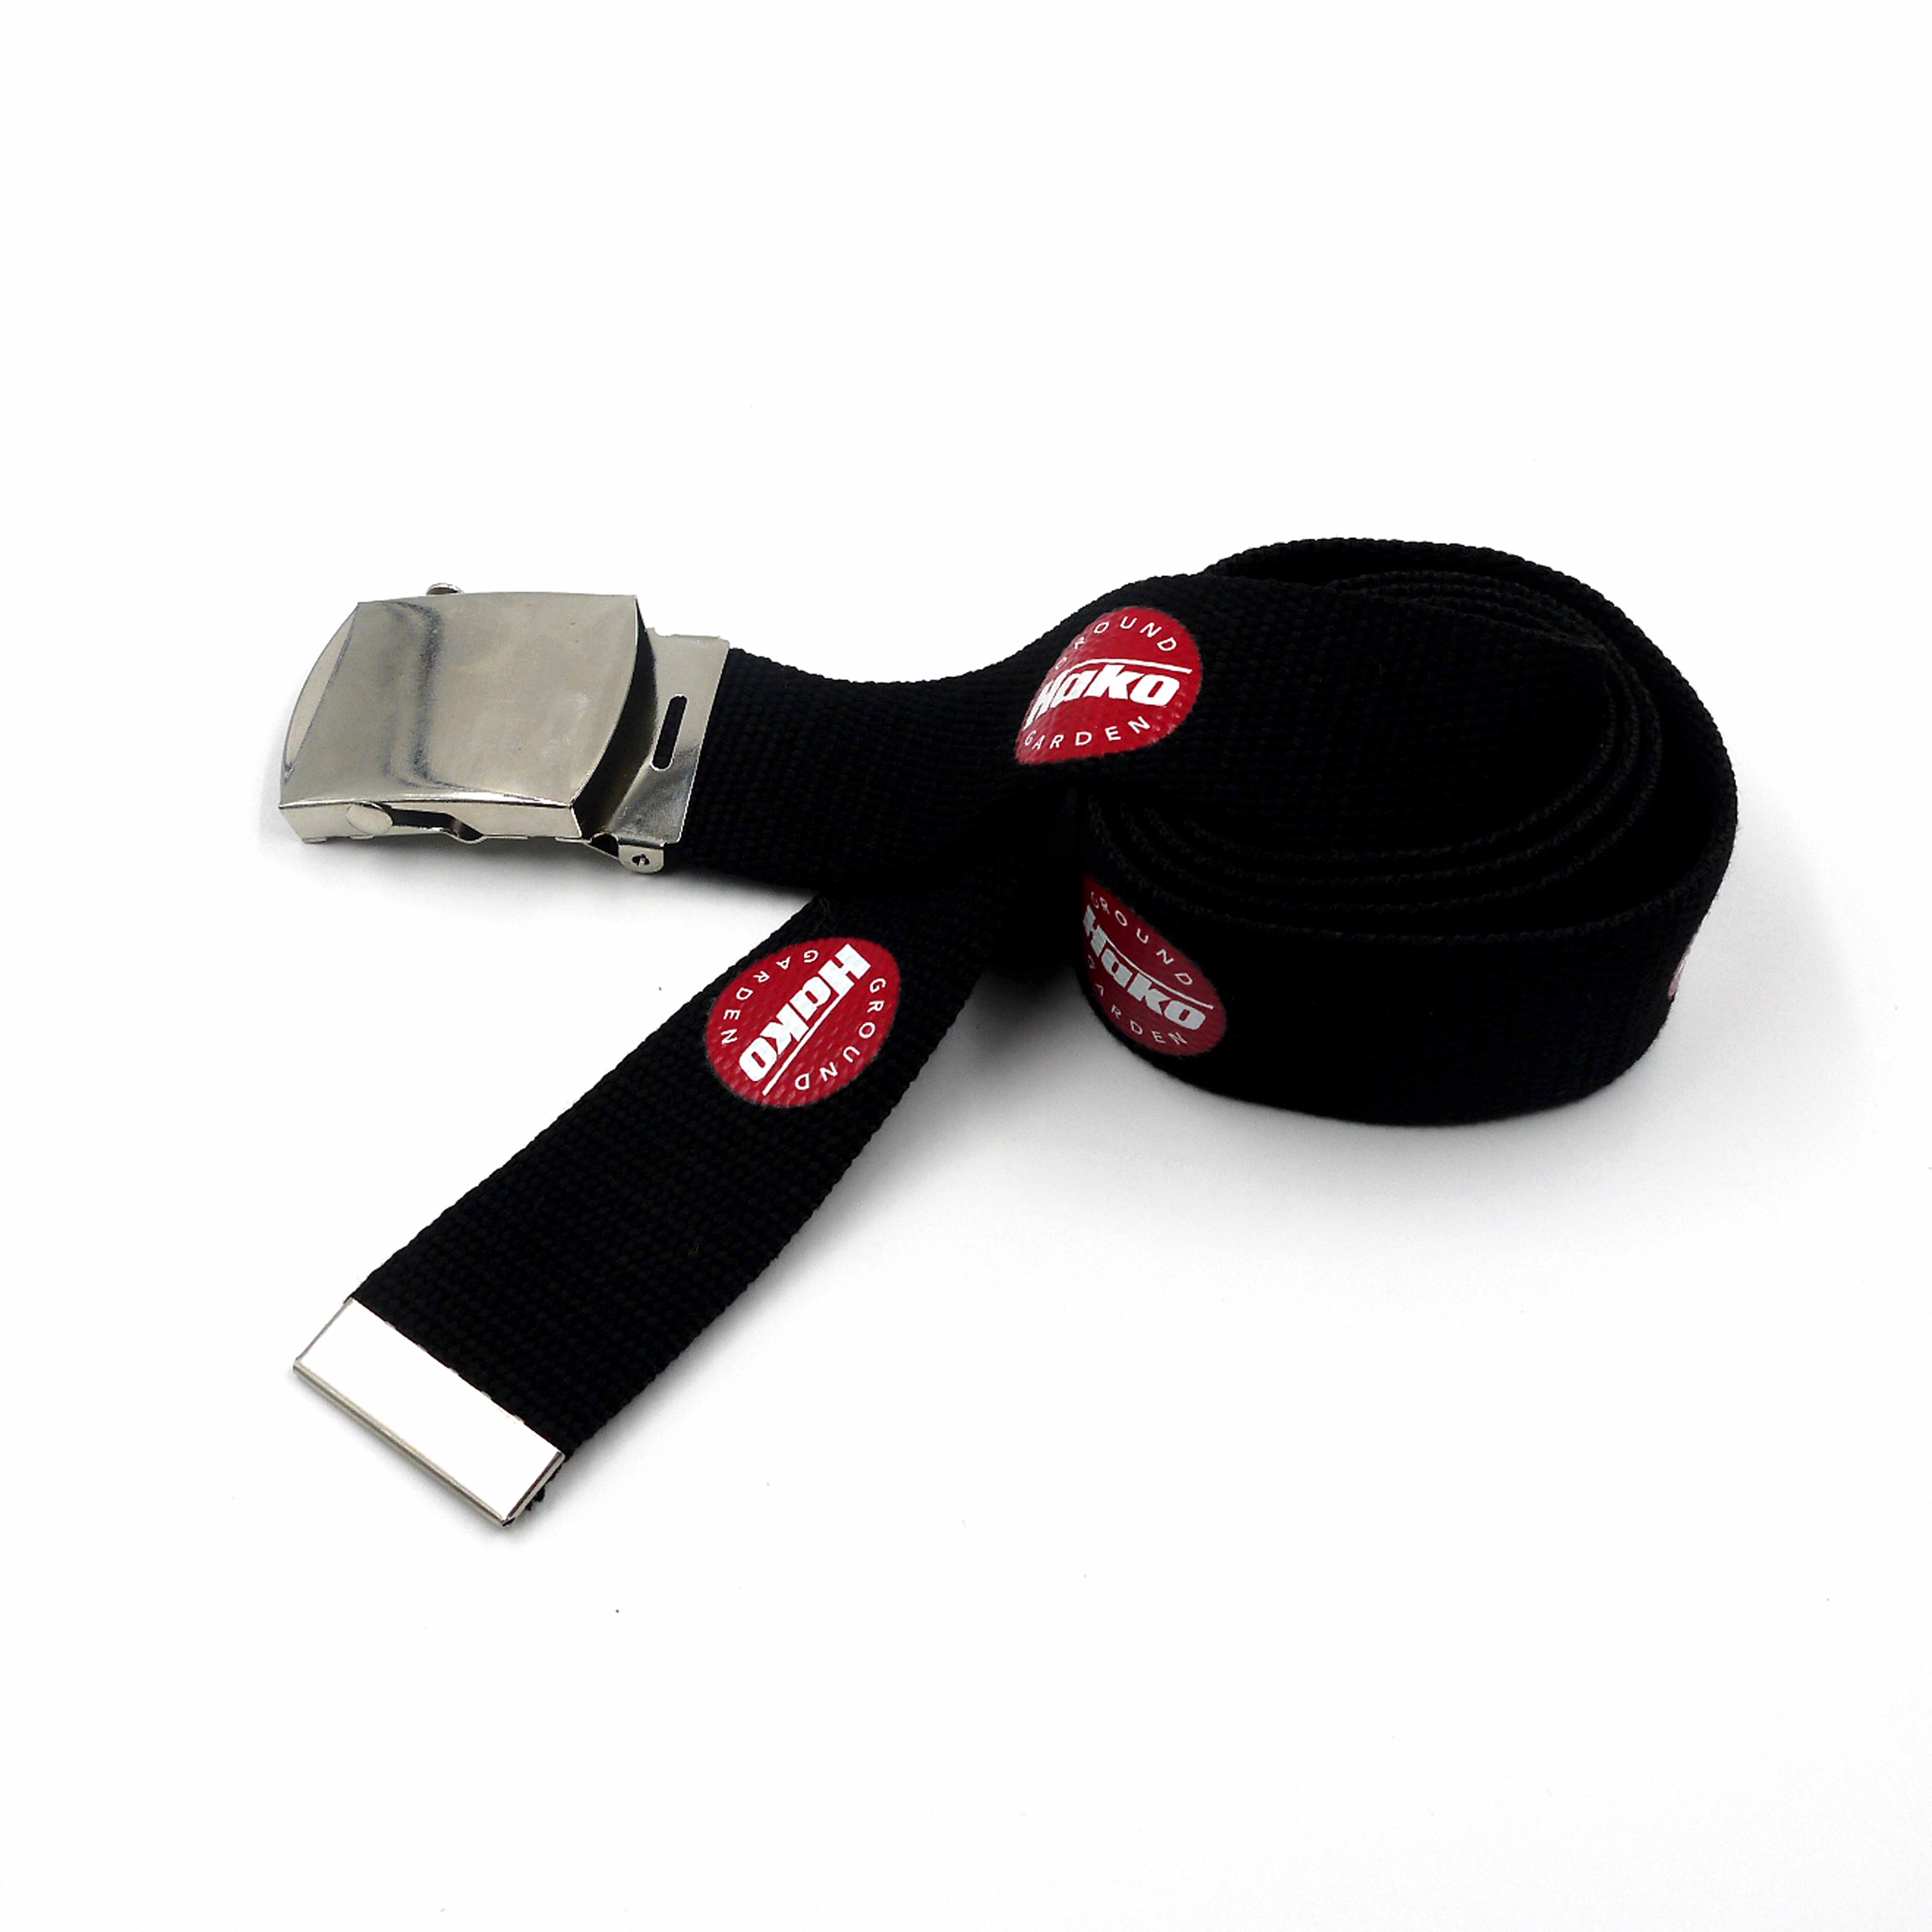 ที่กำหนดเองขายส่งMensตัวอักษรโลโก้พิมพ์ด้านบนผ้าฝ้ายผ้าใบWeb Belt